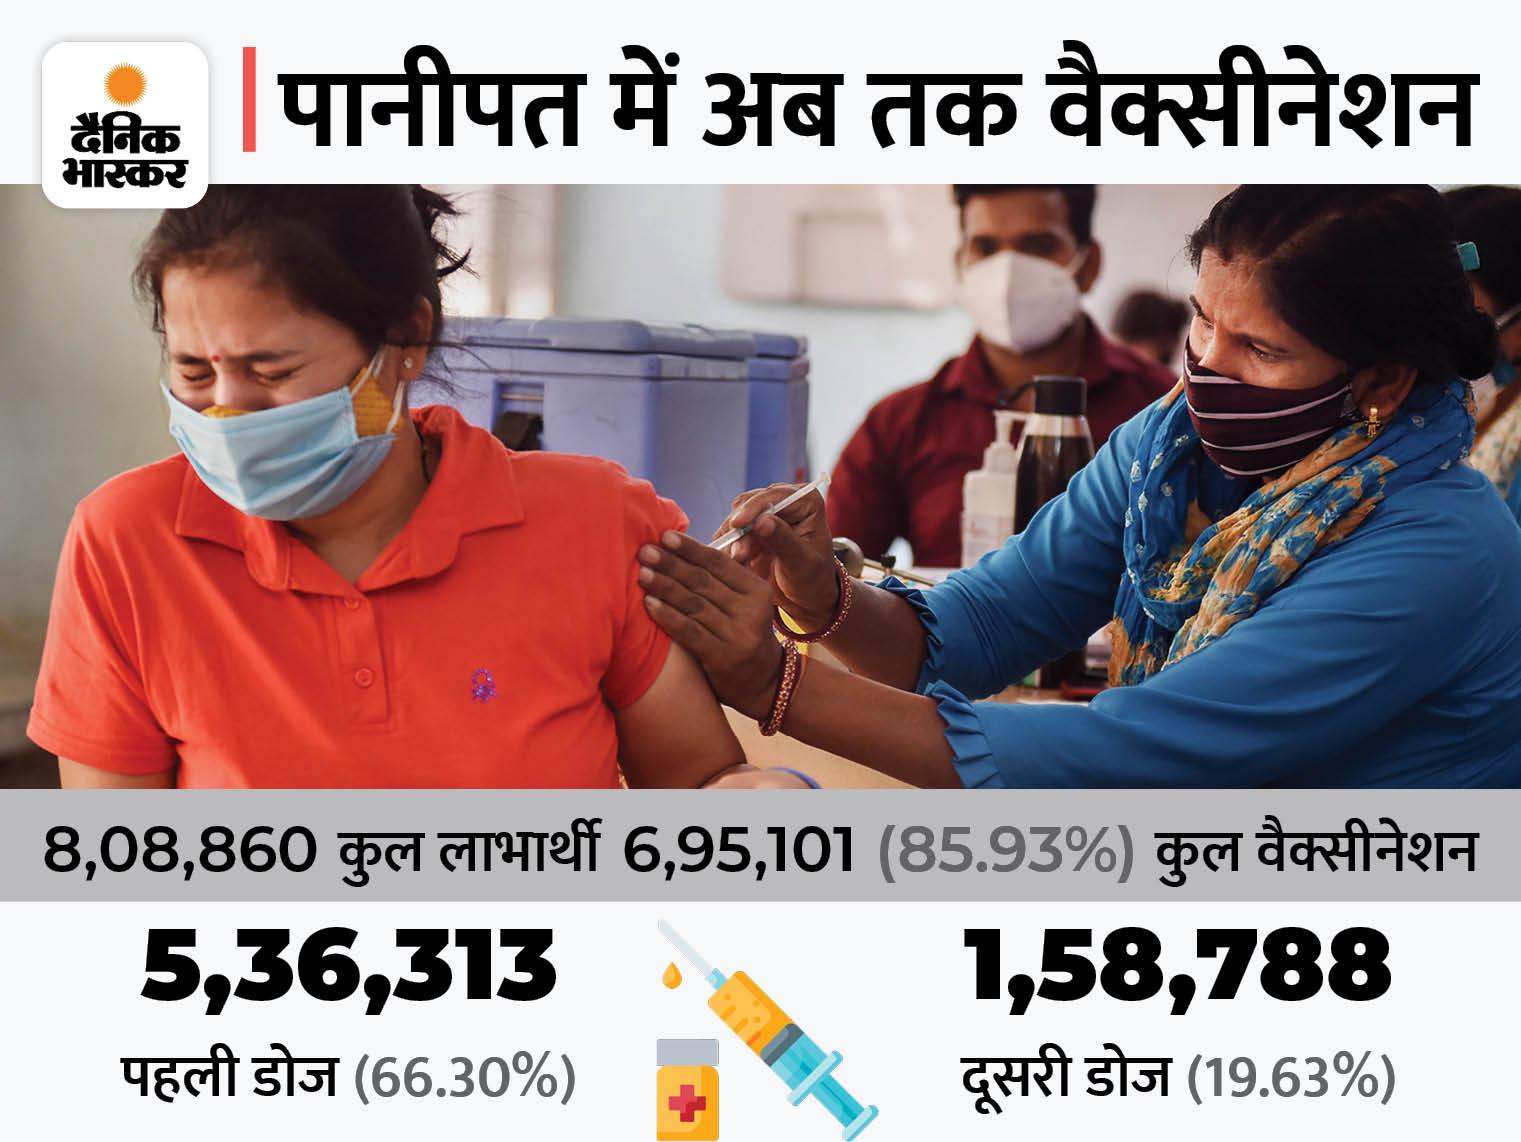 सितंबर के 10 दिनों में 78 हजार 877 ने लगवाई वैक्सीन, 86% लगवा चुके पहला टीका, दूसरी डोज 19% ने लगवाई पानीपत,Panipat - Dainik Bhaskar